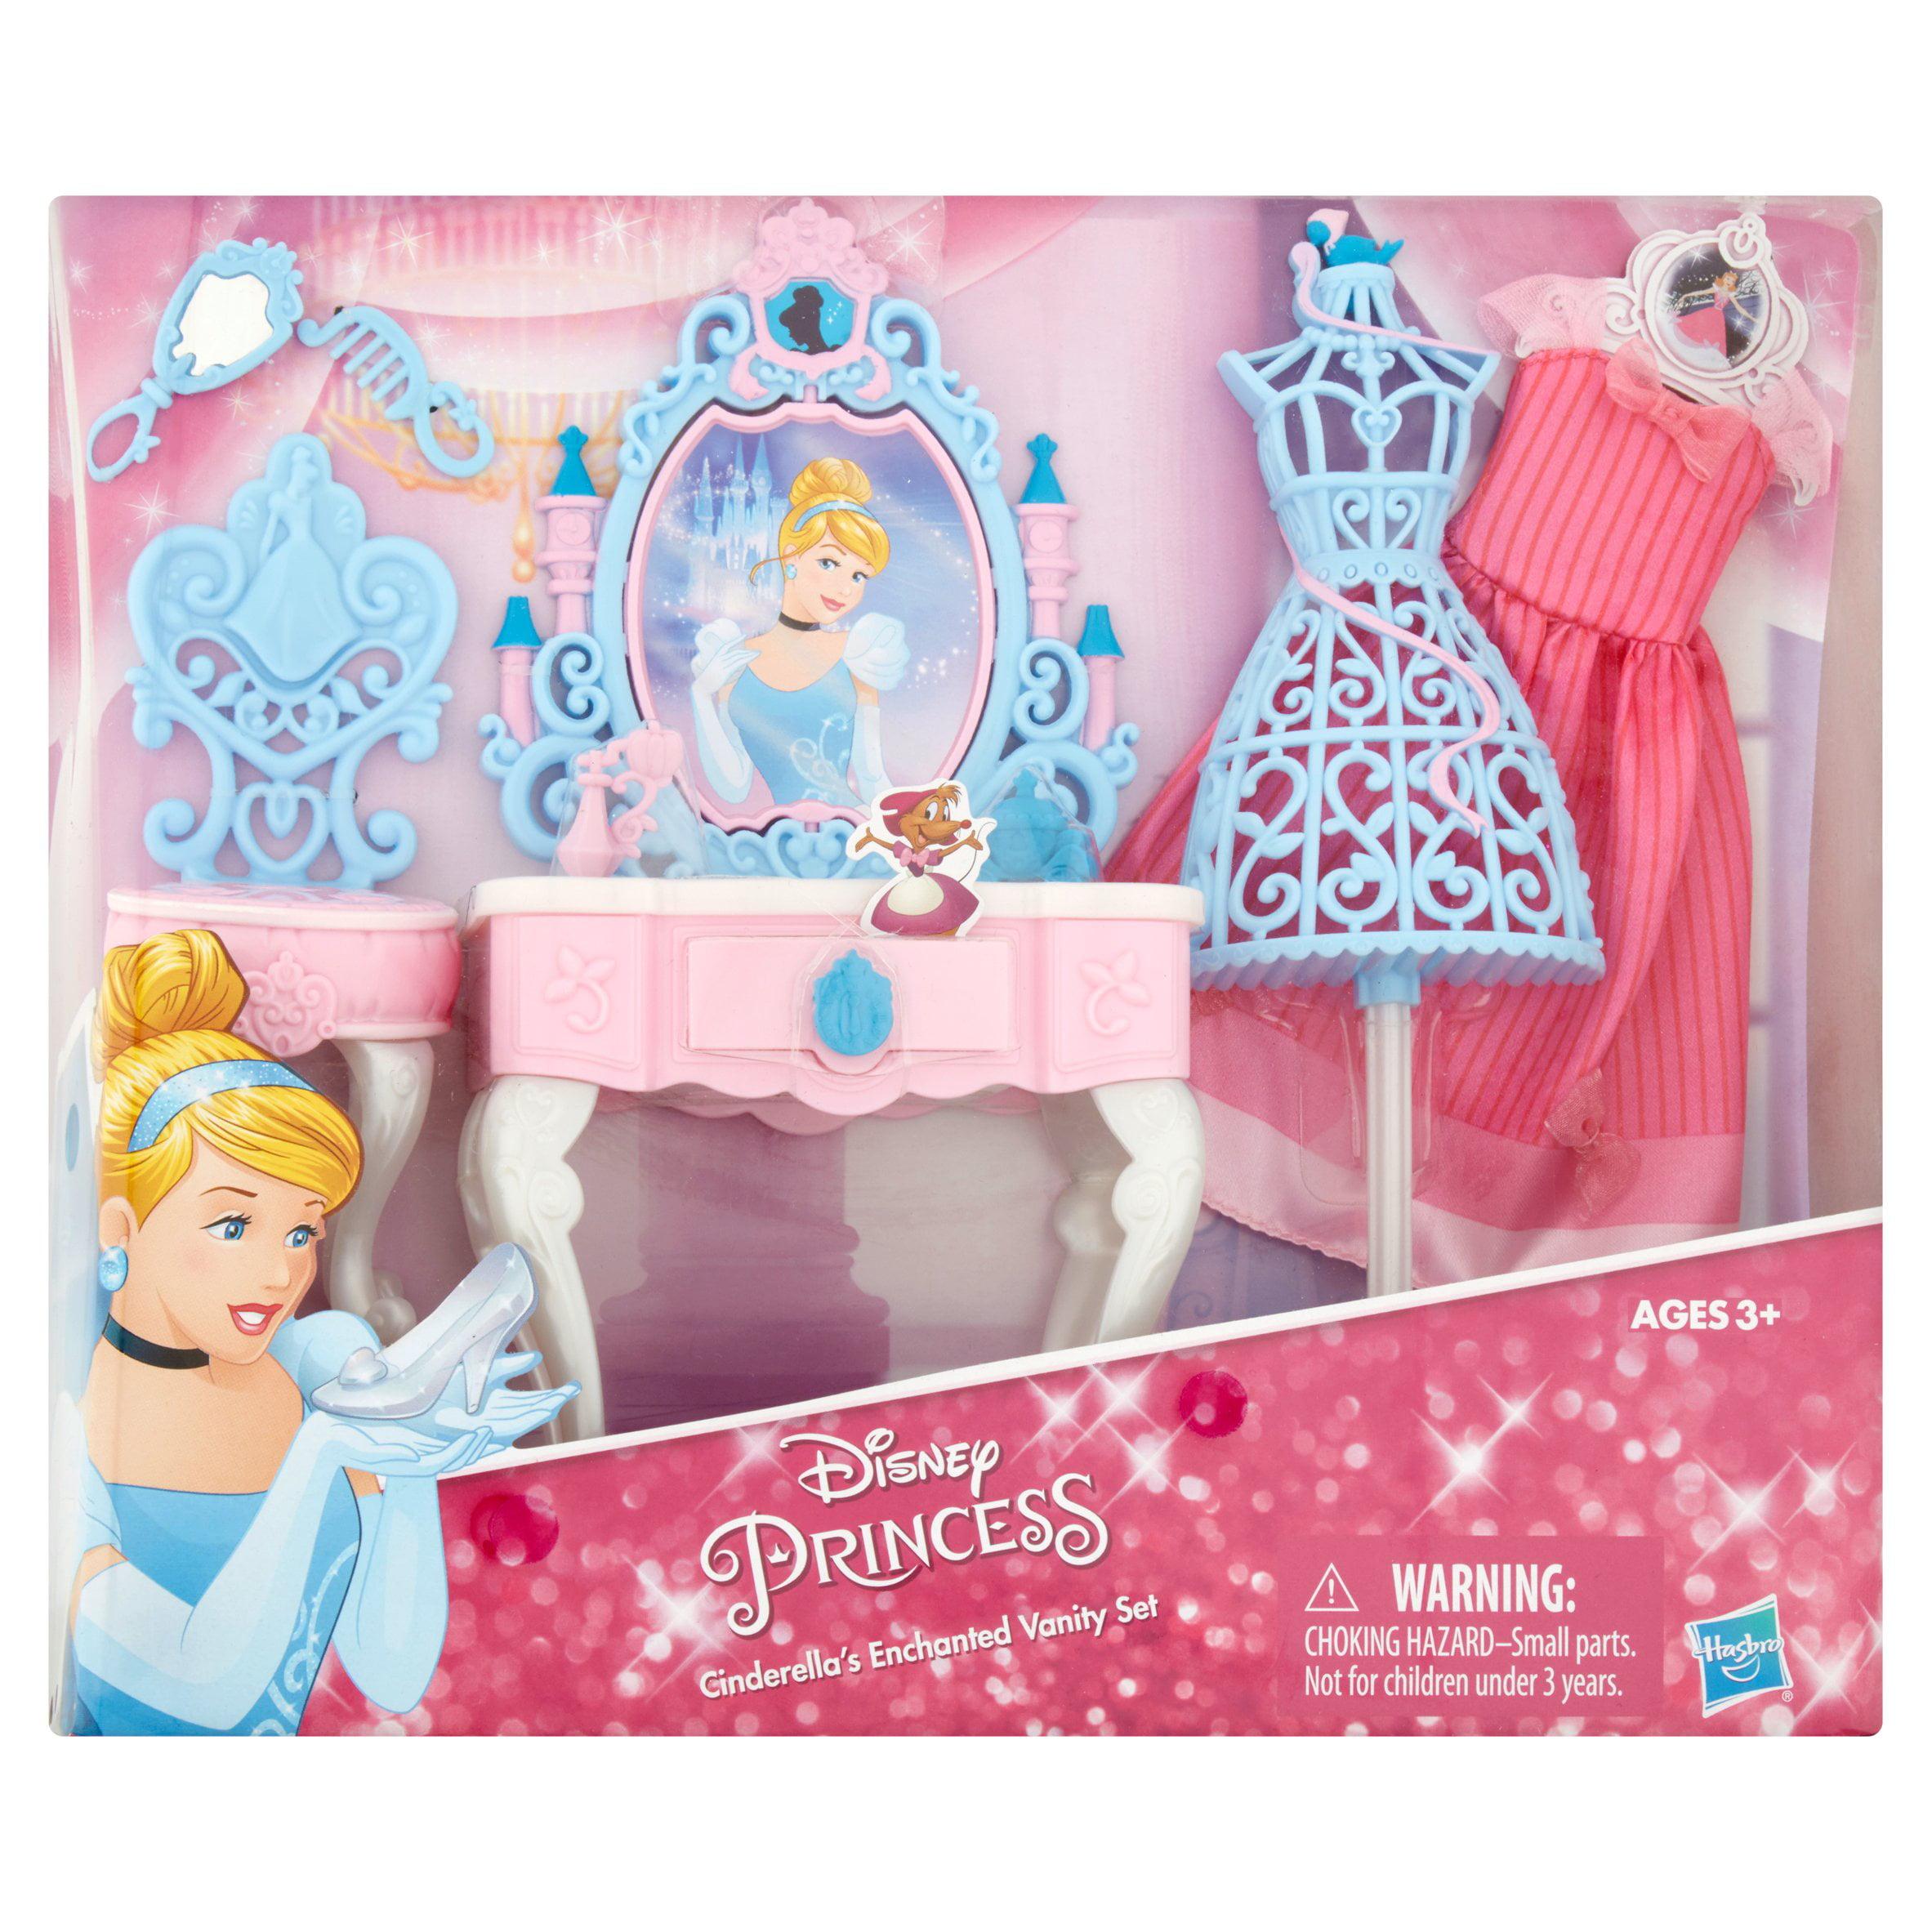 Hasbro Disney Princess Cinderella's Enchanted Vanity Set Ages 3+